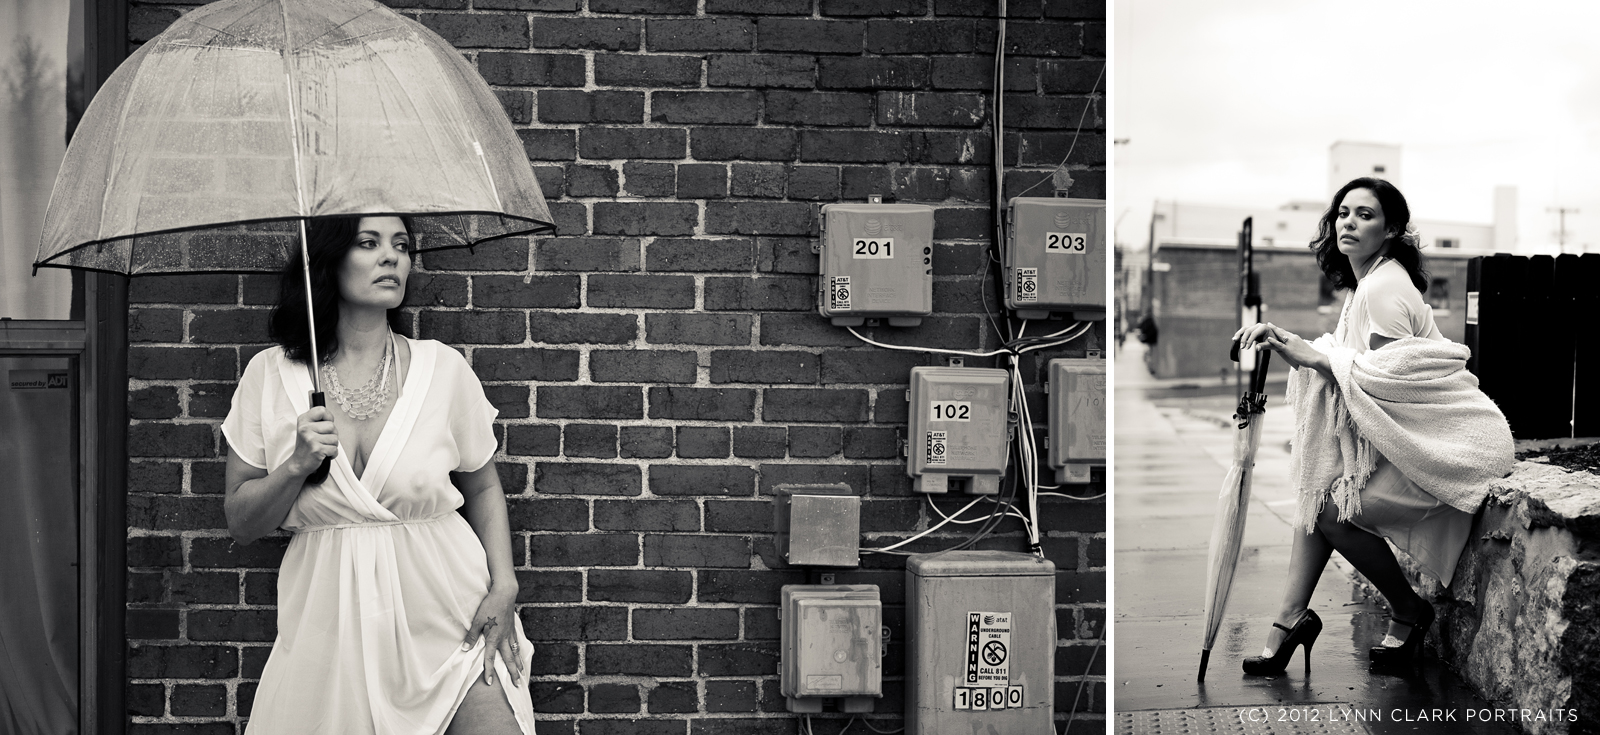 Boudoir photos in an alley